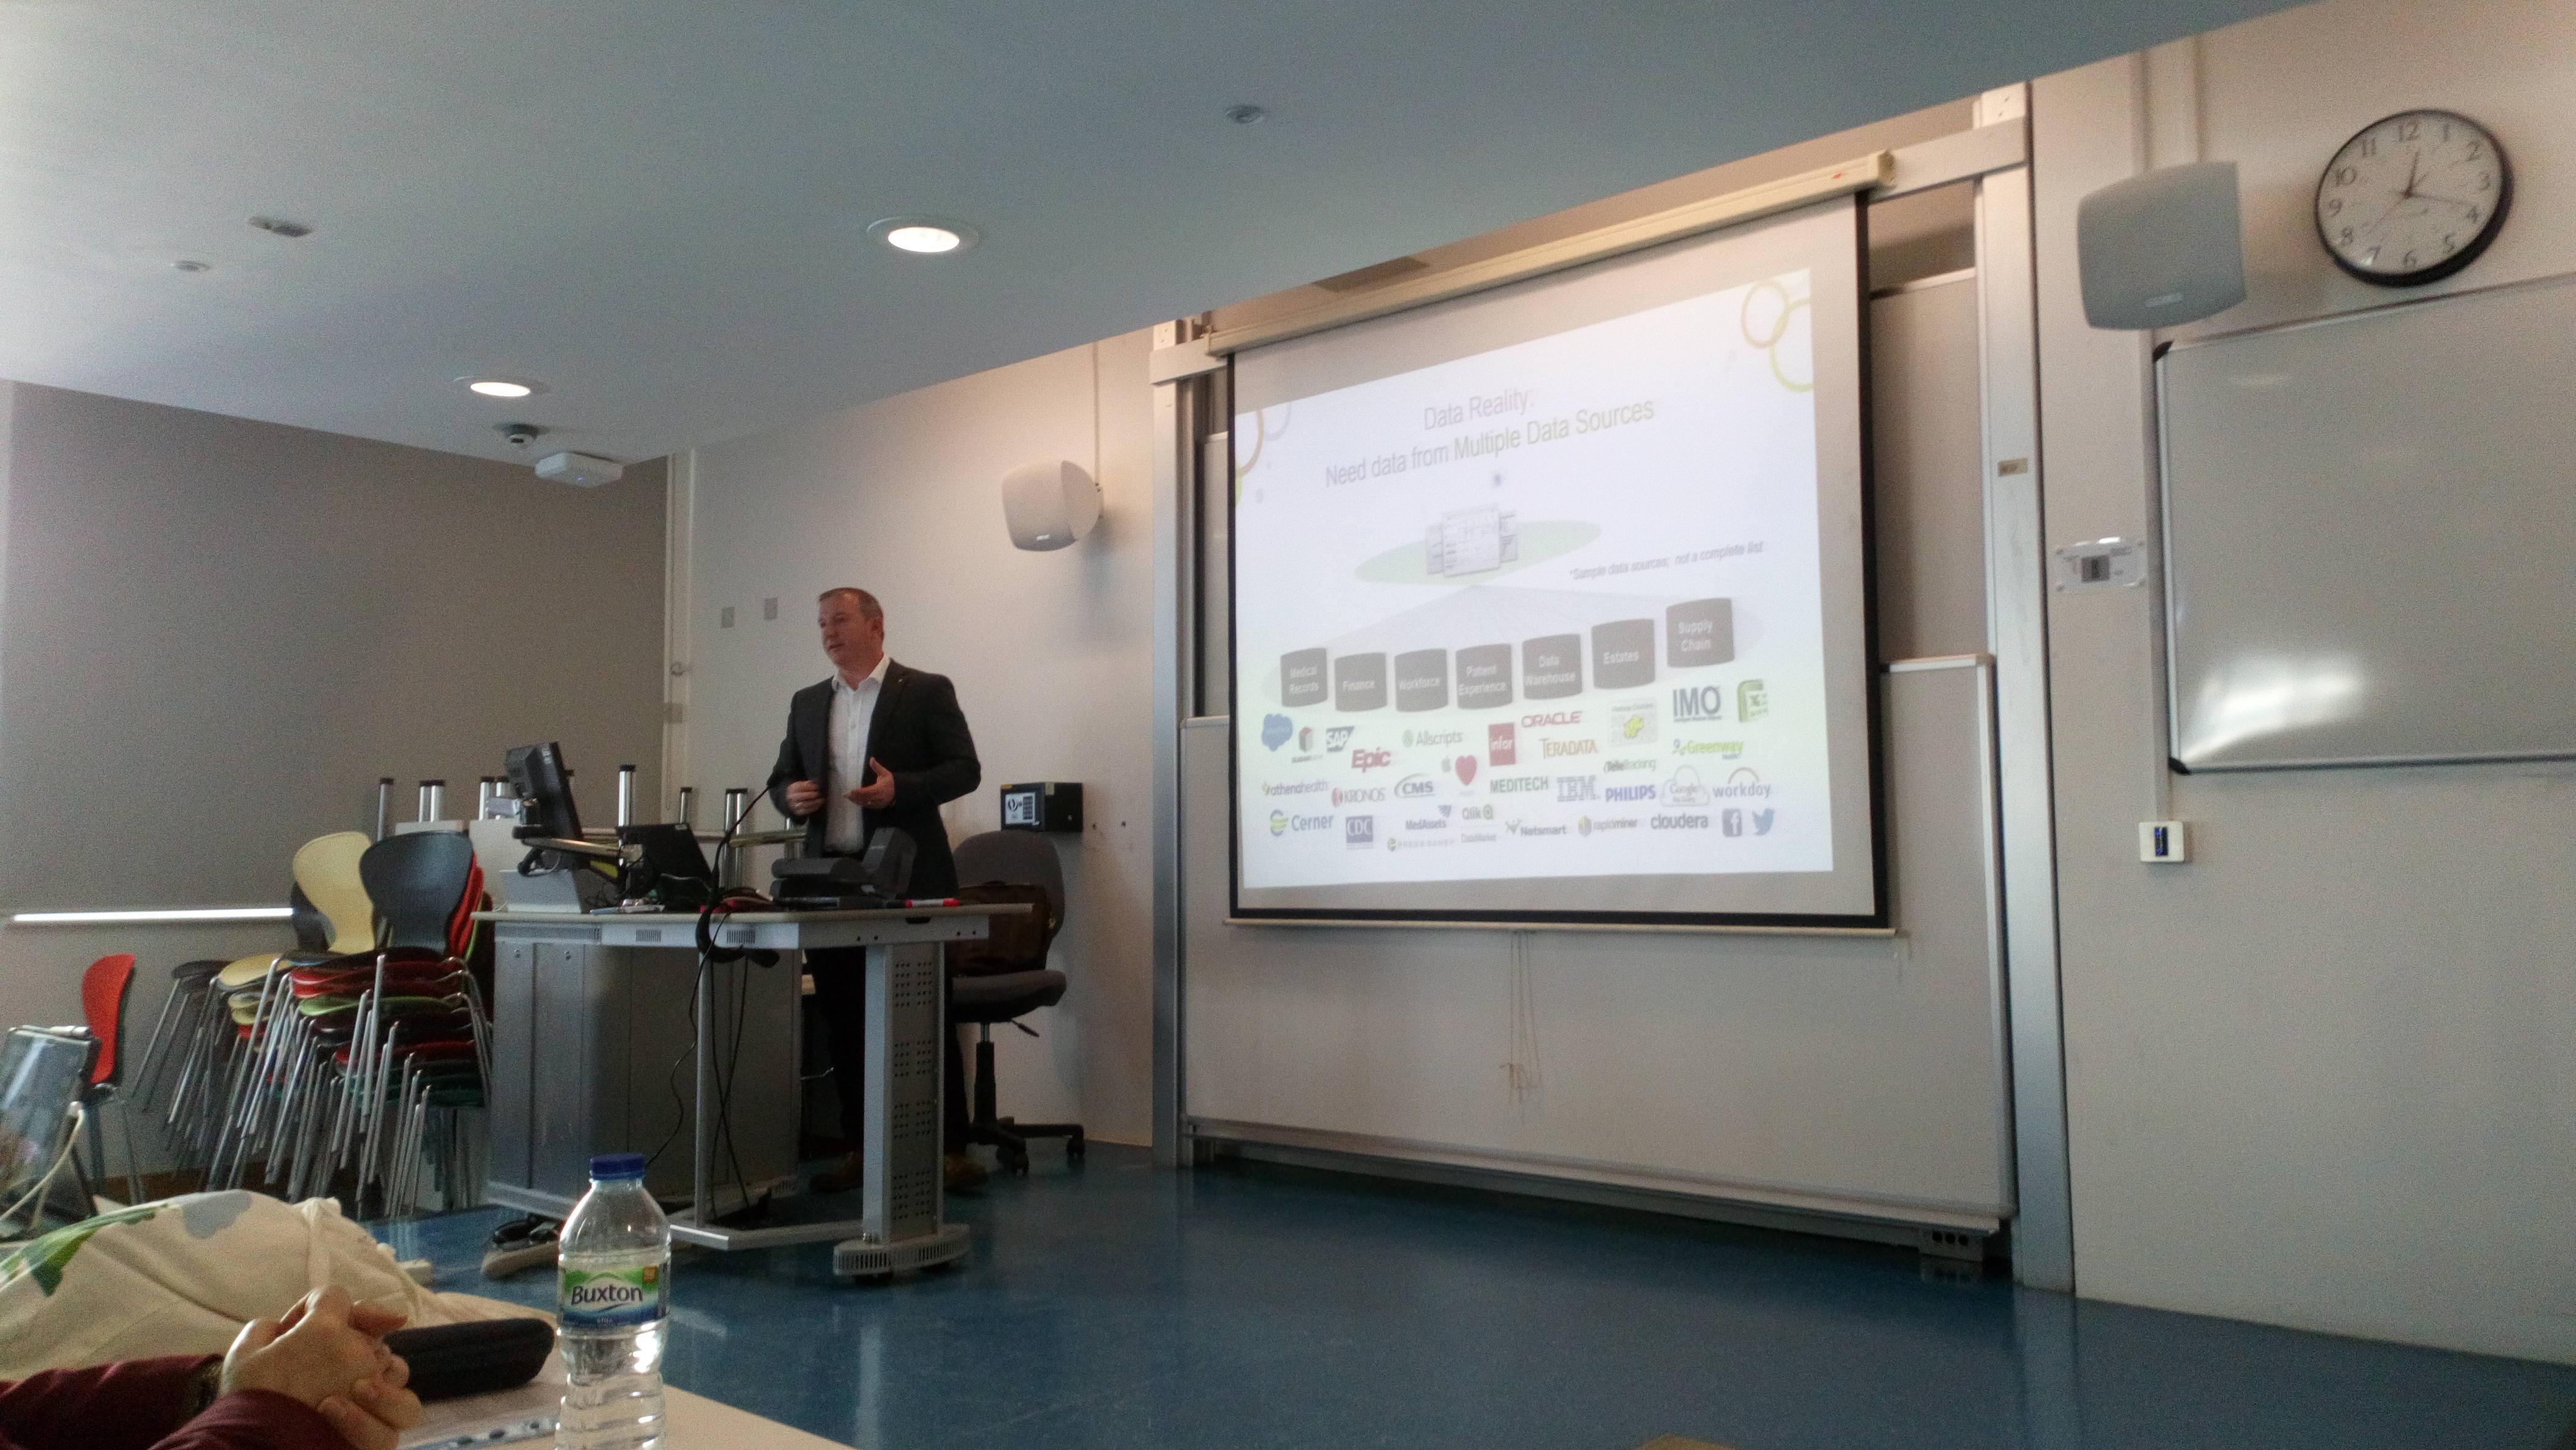 London School of Economics - Healthcare Analytics     - Qlik